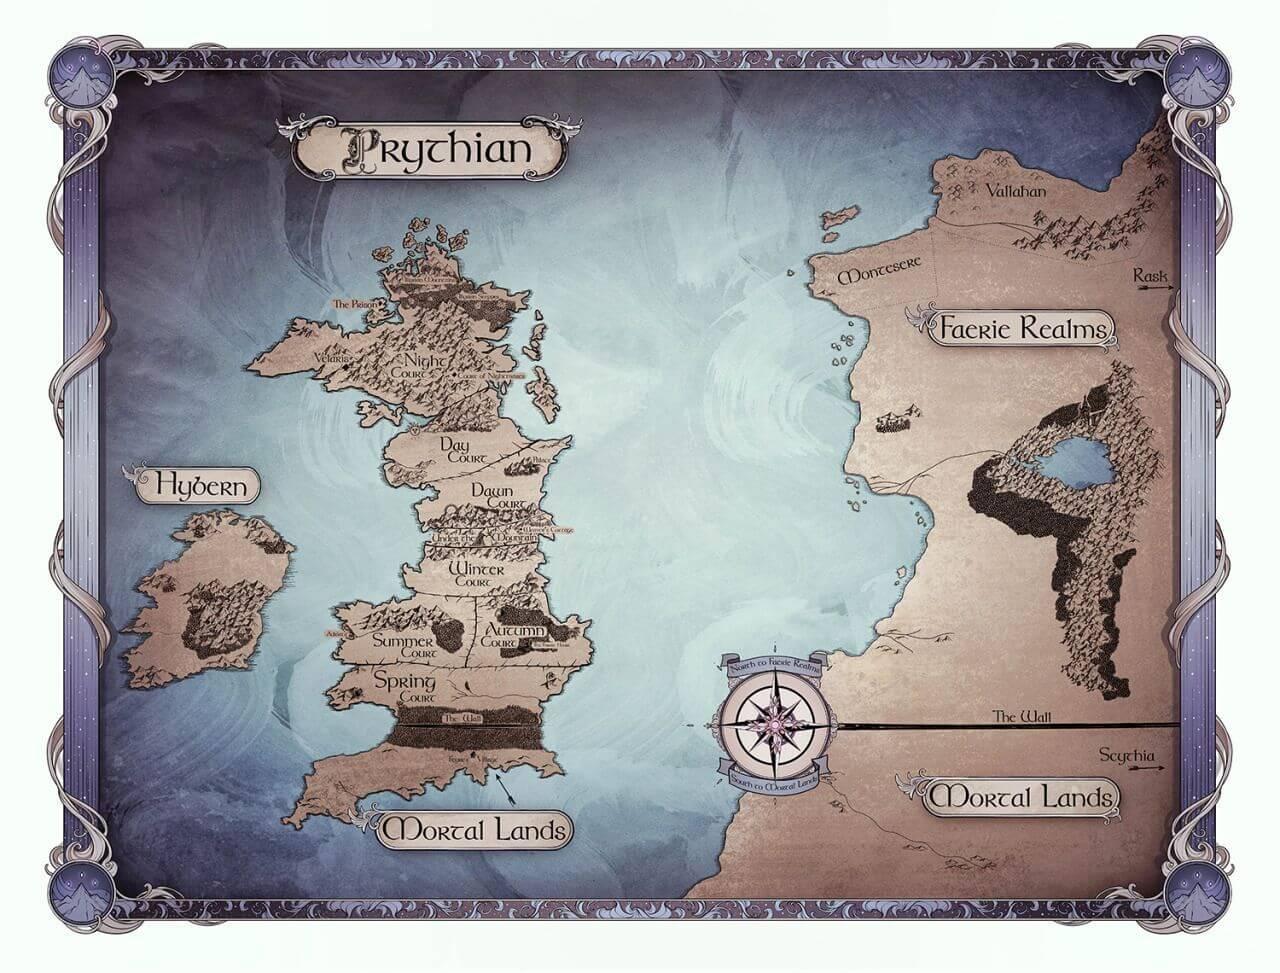 карта на Притиан